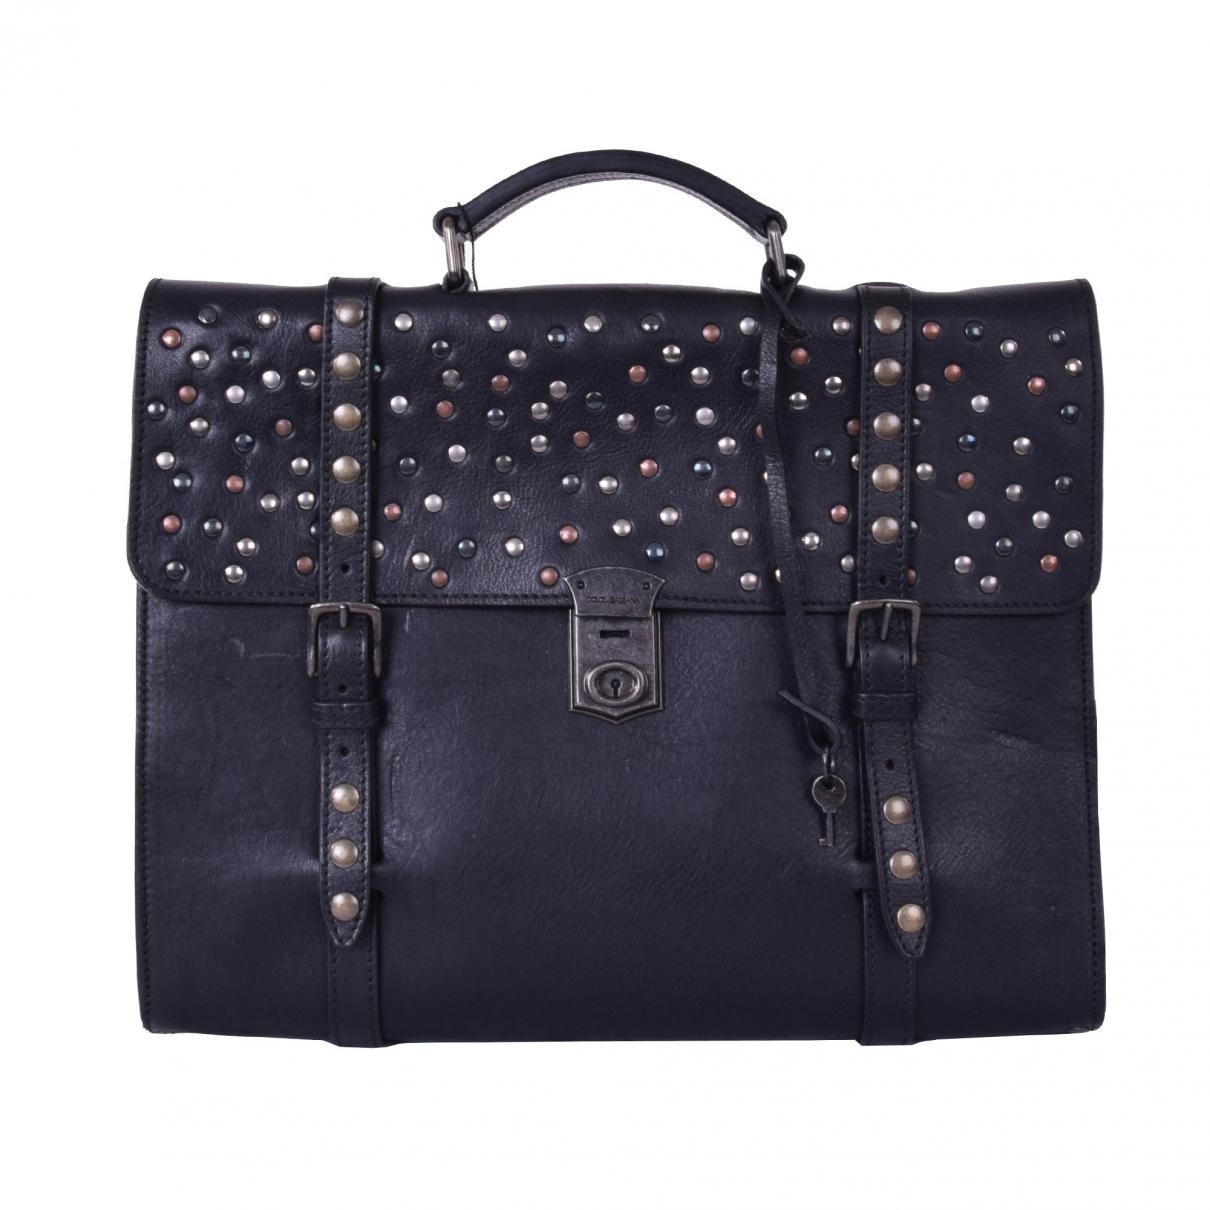 Dolce & Gabbana \N Black Leather bag for Men \N